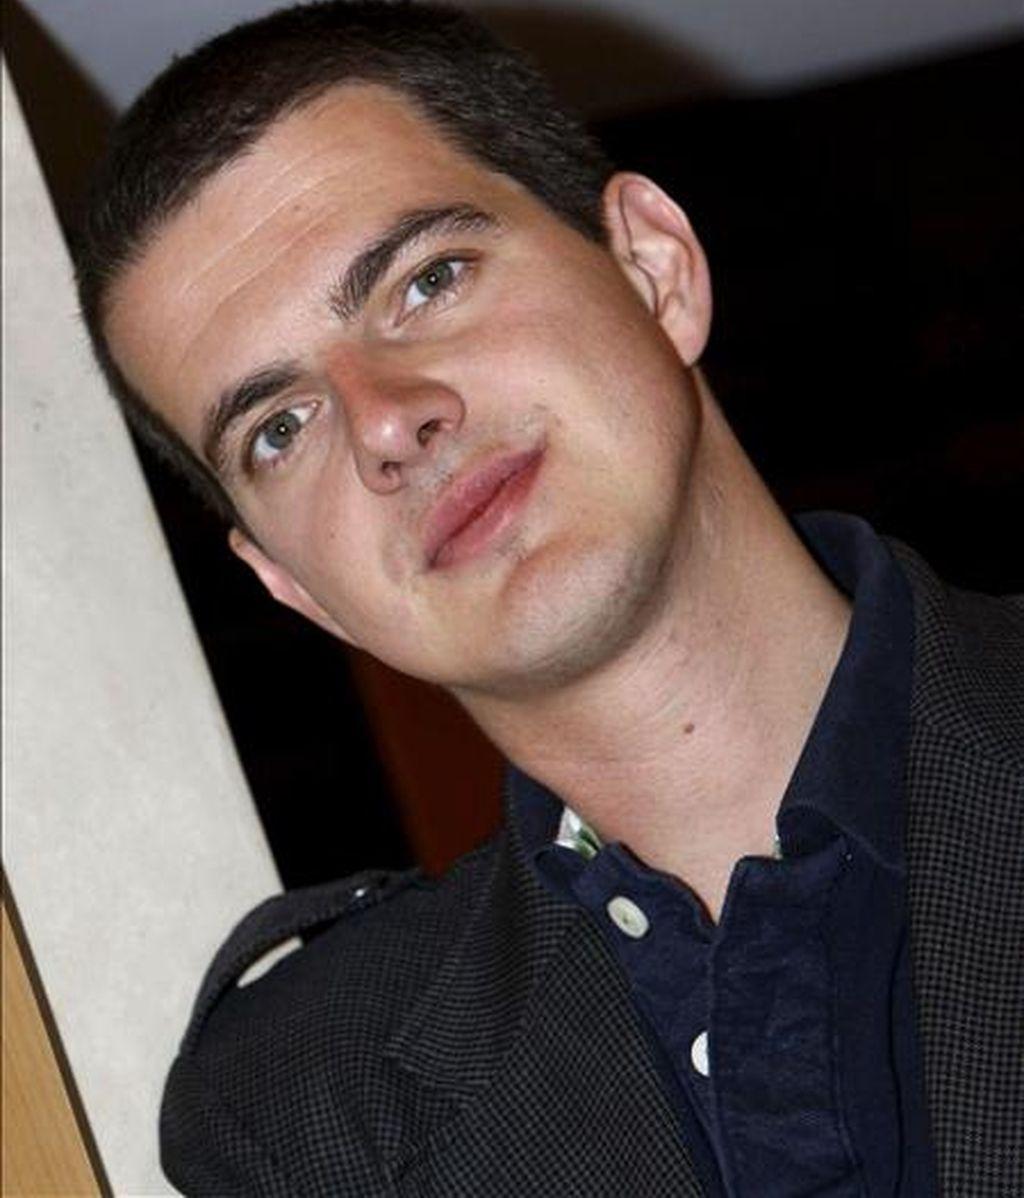 El contratenor Philippe Jaroussky, durante la entrevista que concedió a Efe. EFE/Archivo